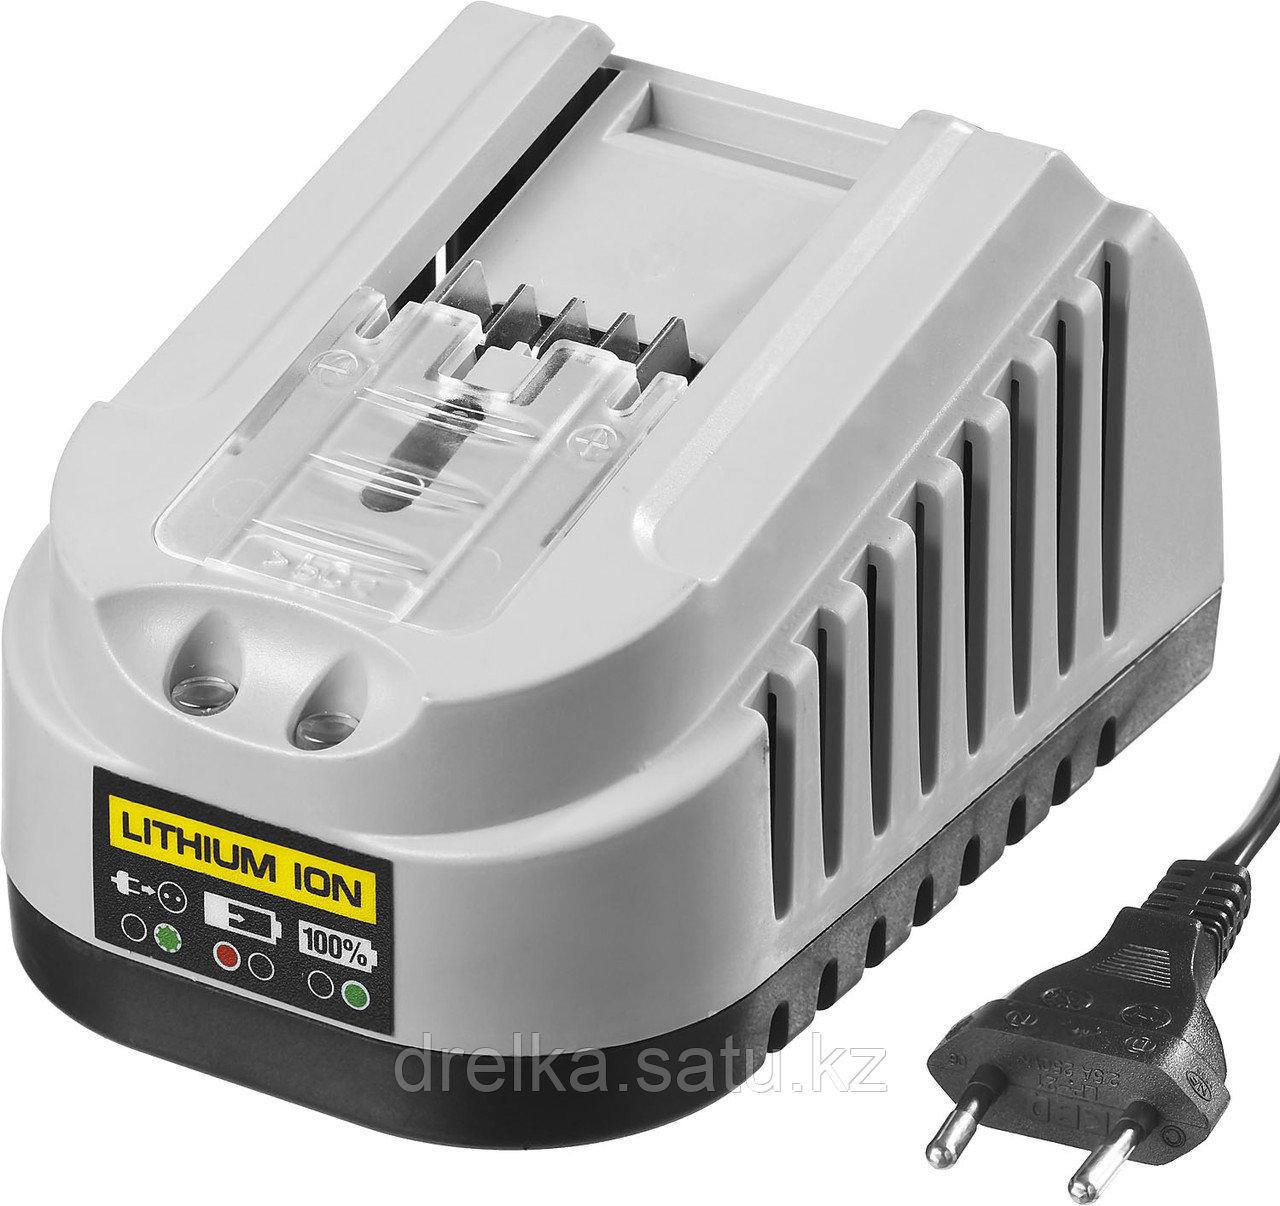 Зарядное устройство для аккумулятора, ЗУБР БЗУ-14.4-18 М4, МАСТЕР Импульс универсальное, интеллектуальное